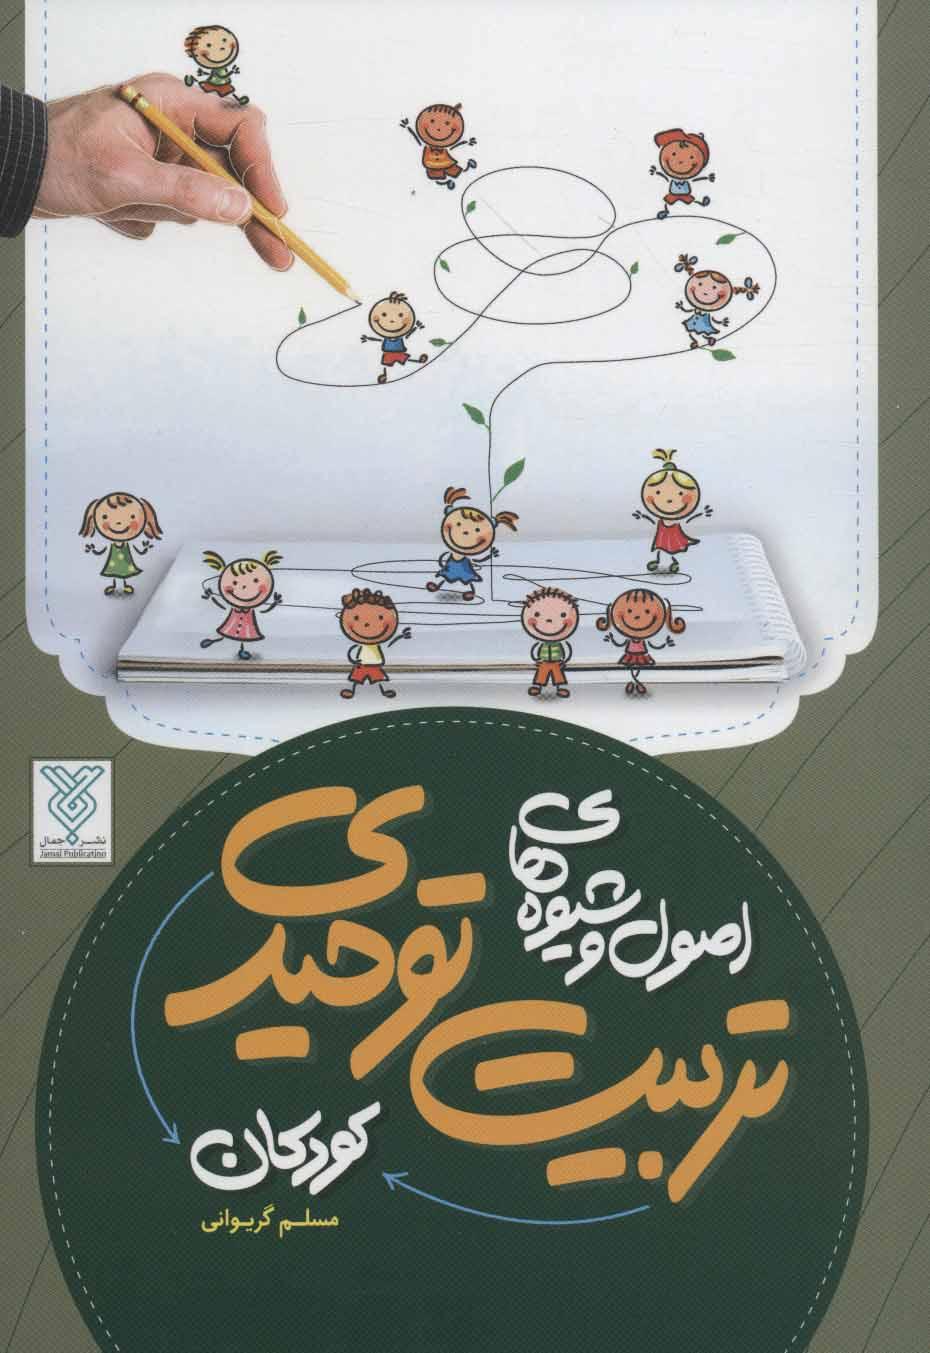 کتاب اصول و شیوه های تربیت توحیدی کودکان